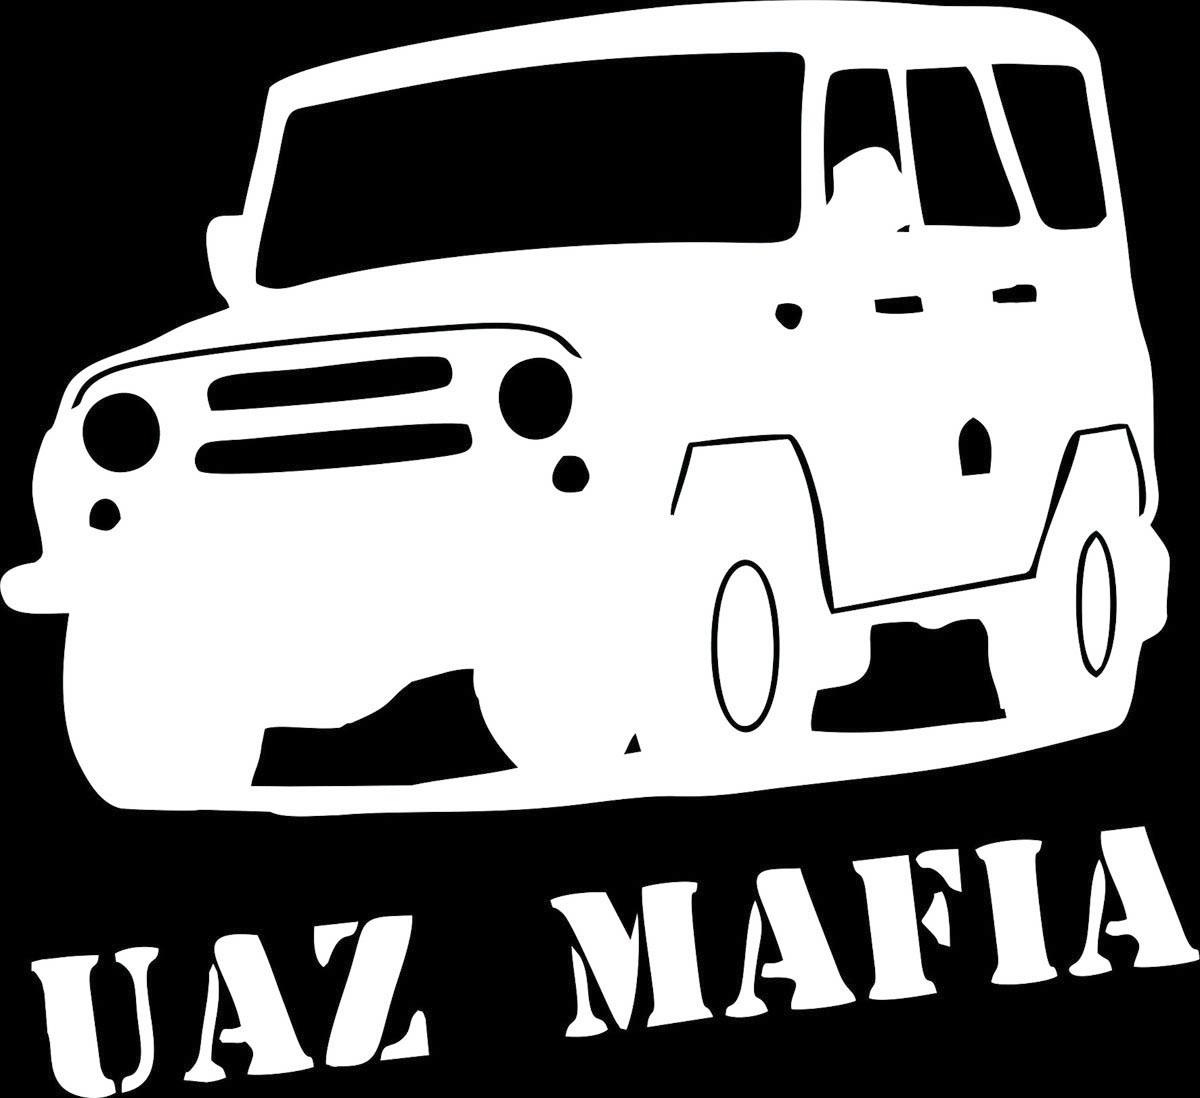 Наклейка автомобильная Оранжевый слоник UAZ Mafia 2, виниловая, цвет: белый1504400016WОригинальная наклейка Оранжевый слоник UAZ Mafia 2 изготовлена из высококачественной виниловой пленки, которая выполняет не только декоративную функцию, но и защищает кузов автомобиля от небольших механических повреждений, либо скрывает уже существующие. Виниловые наклейки на автомобиль - это не только красиво, но еще и быстро! Всего за несколько минут вы можете полностью преобразить свой автомобиль, сделать его ярким, необычным, особенным и неповторимым!